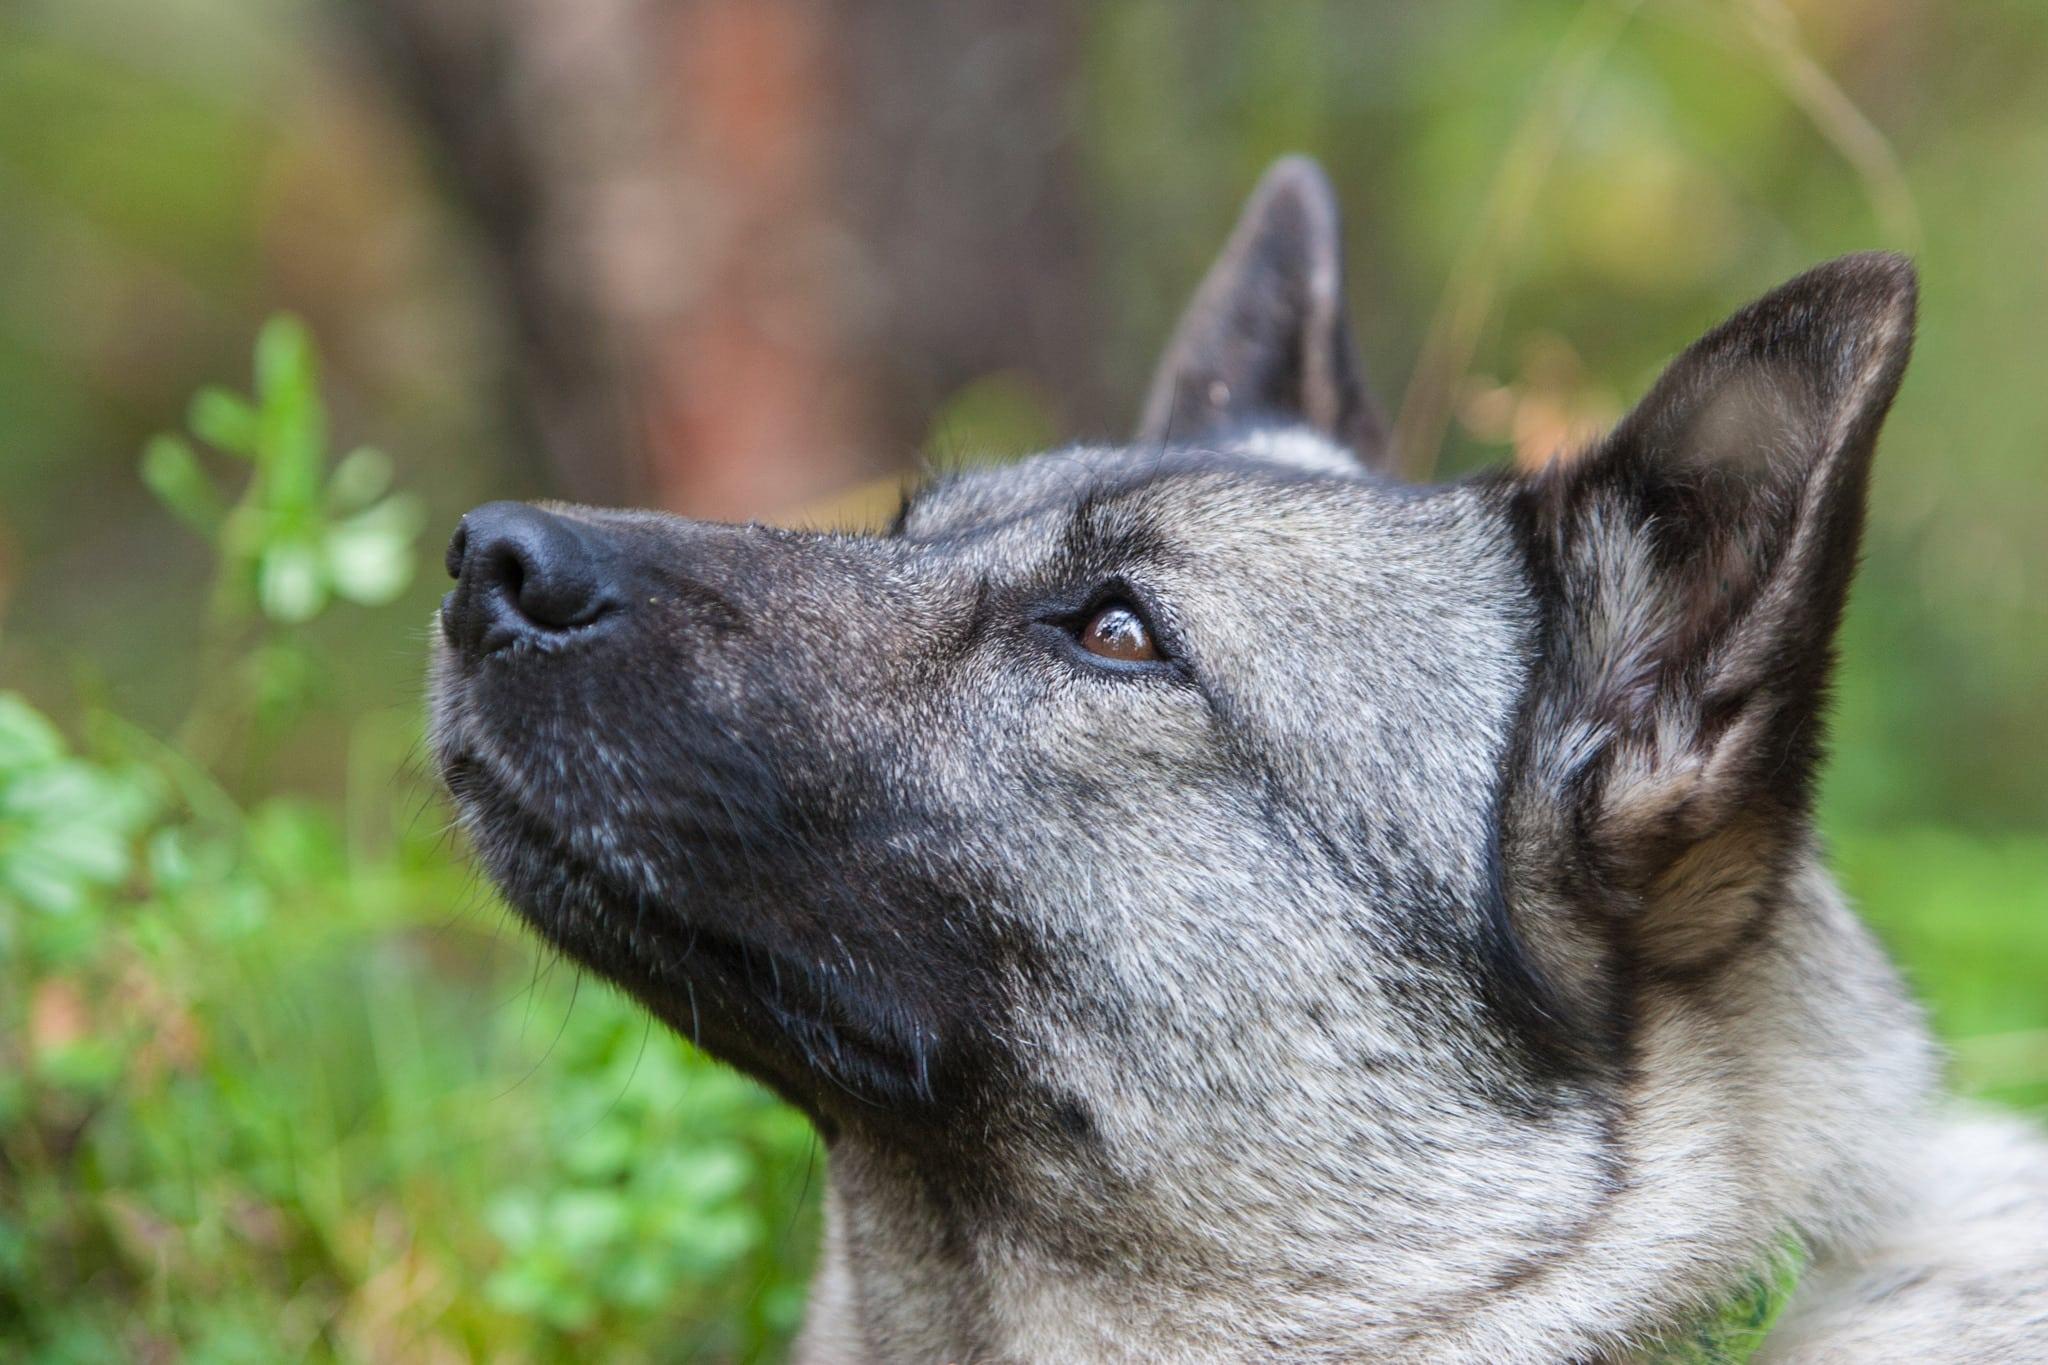 Gråhunden, Norges nationalras, är nu den populäraste hundrasen i sitt hemland. Foto: Kjell-Erik Moseid